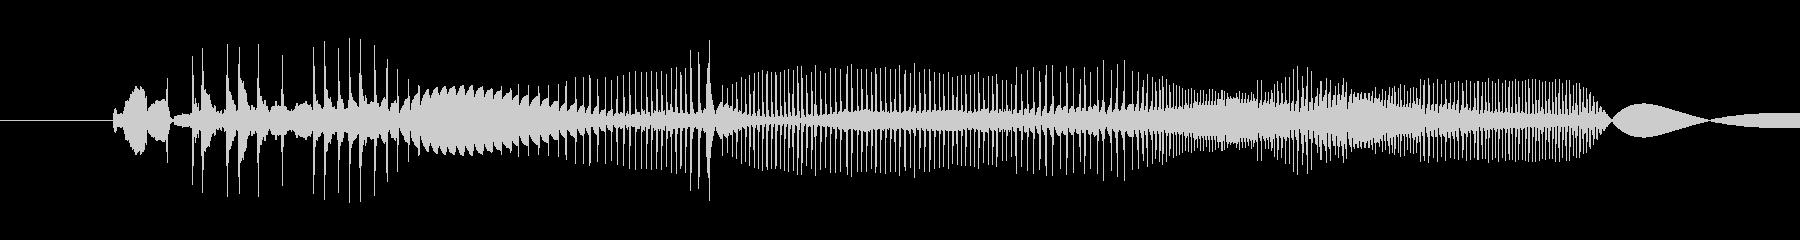 レコード傷1の未再生の波形